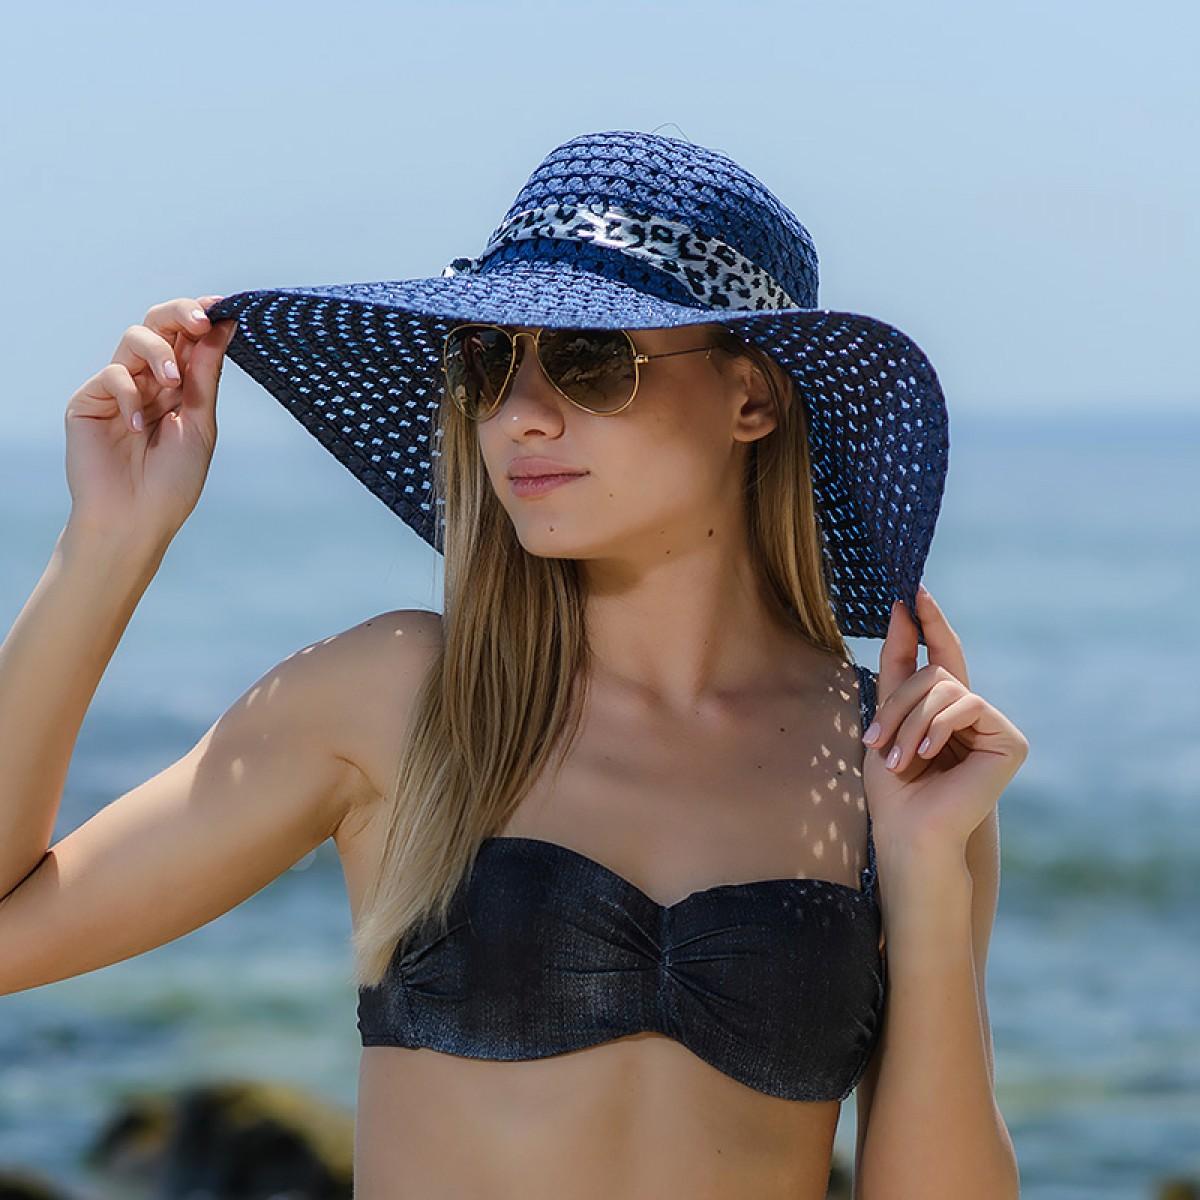 Плажна шапка тъмно синя Снимка 2 от 4